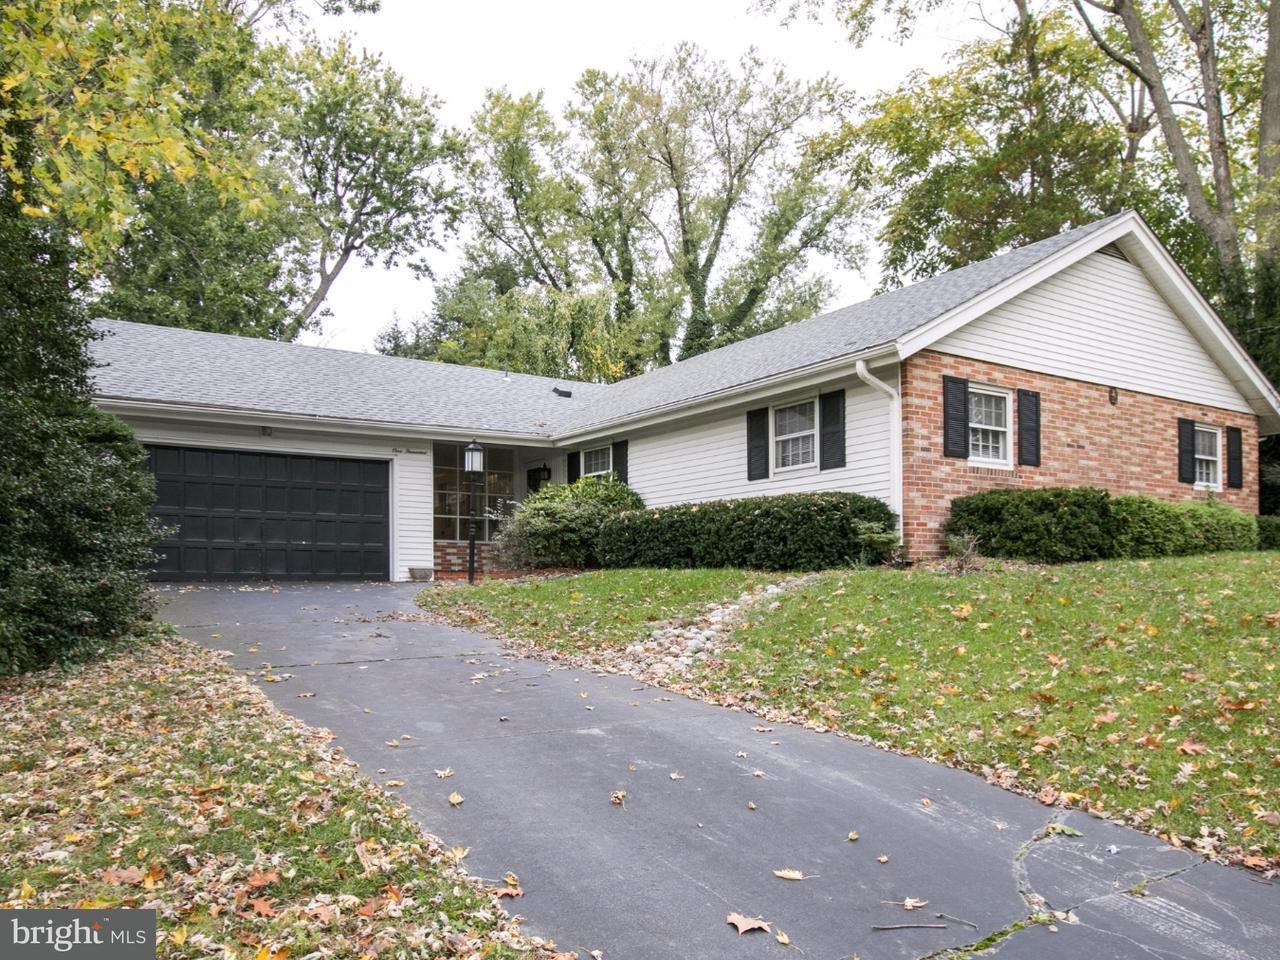 一戸建て のために 売買 アット 1000 WARWICK Road Barrington, ニュージャージー 08033 アメリカ合衆国